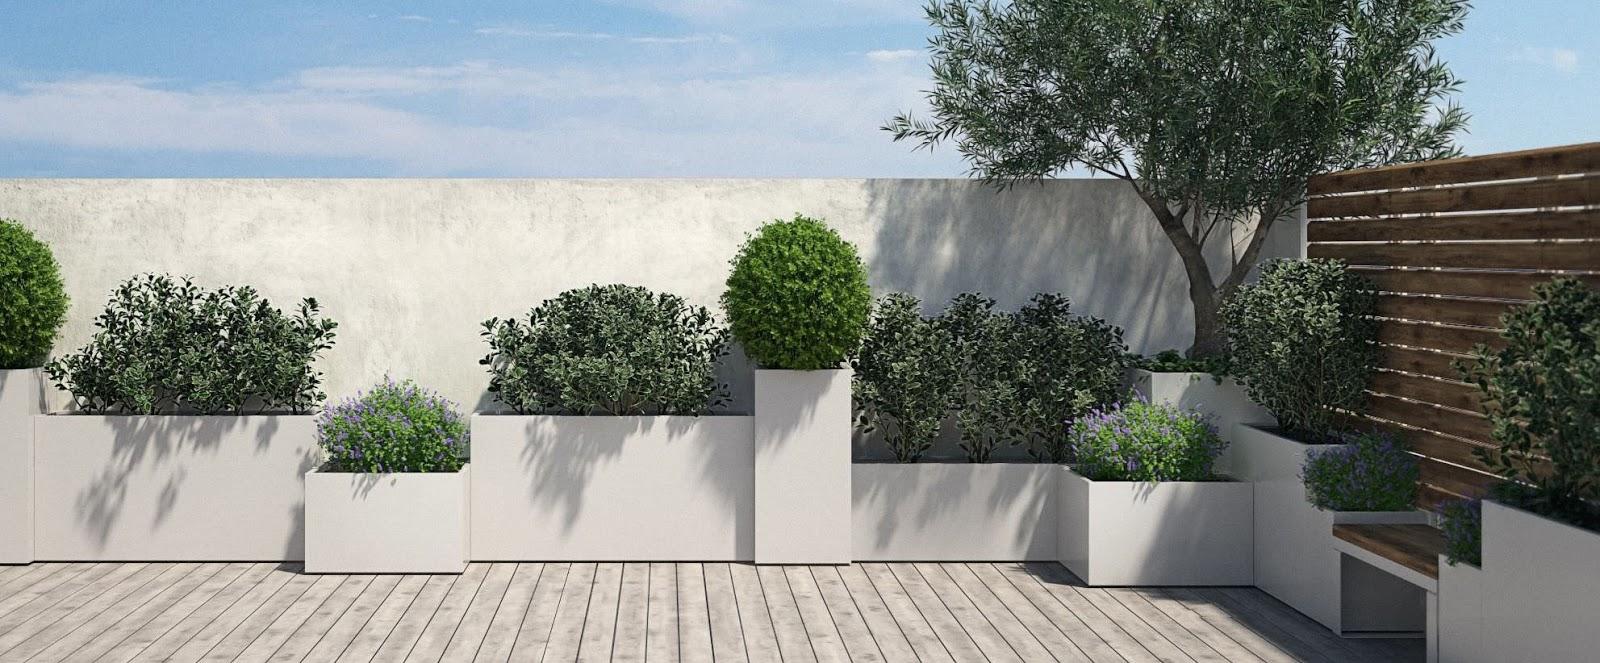 Progettare spazi verdi 2017 03 19 for Arredare la terrazza